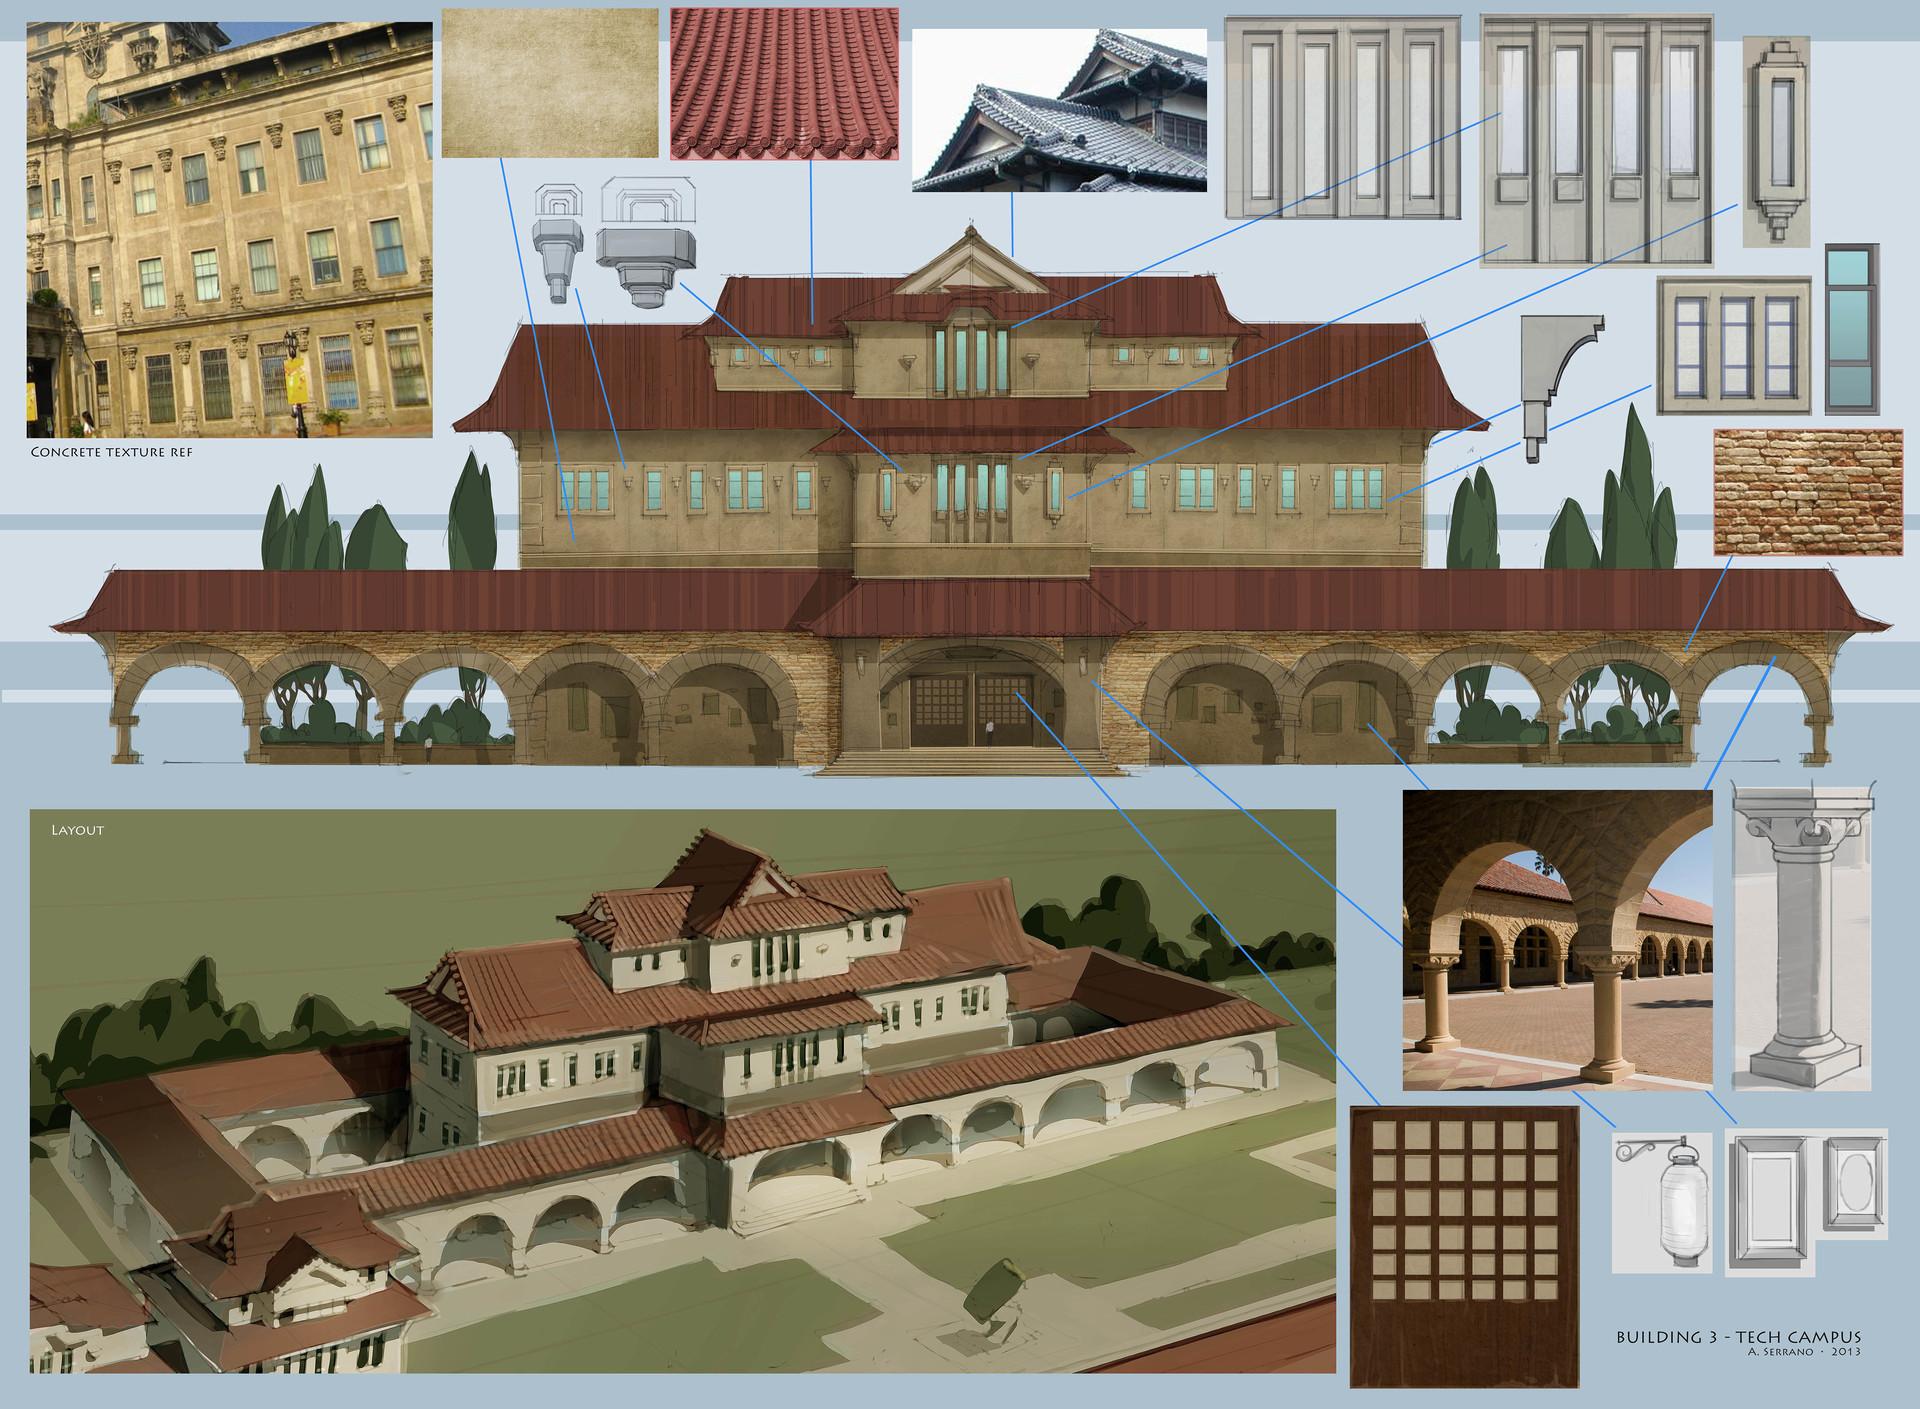 Miscellaneous Building 1